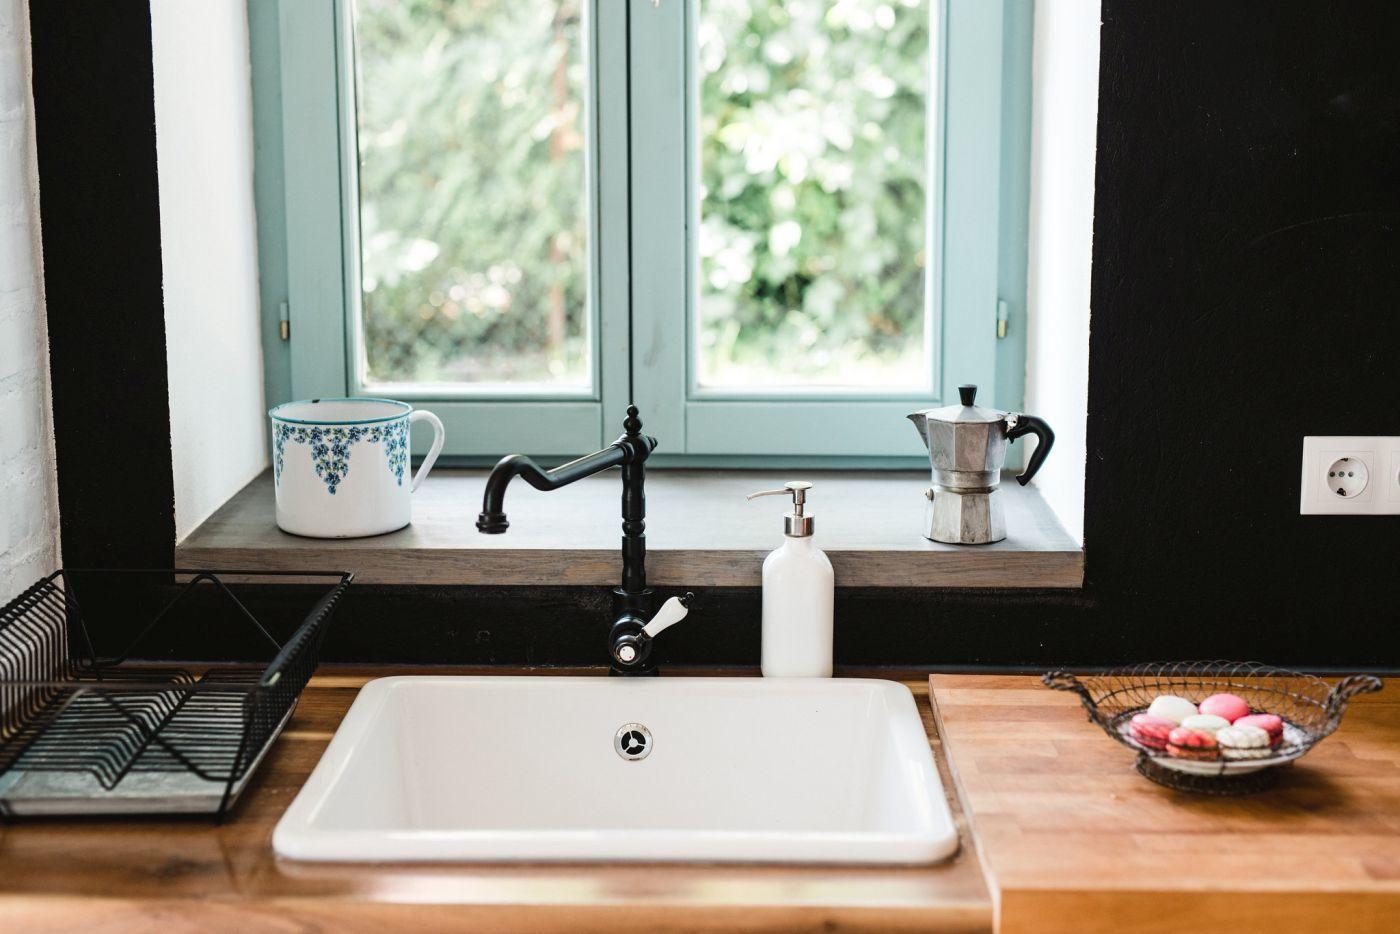 Kerámia mosogató klasszikus csapteleppel - Noemi's Cottage Balatongyörök